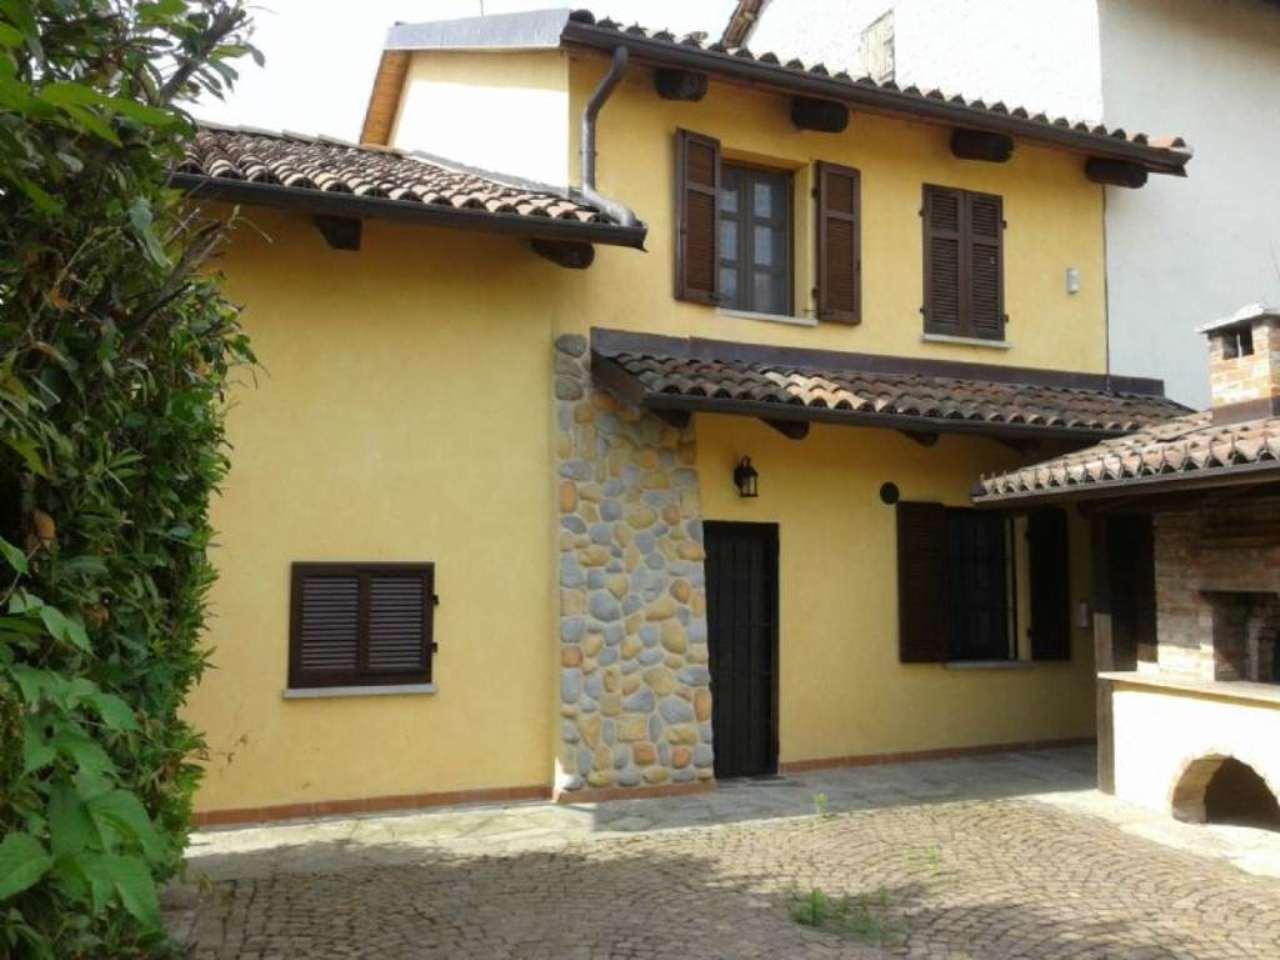 Soluzione Indipendente in vendita a Villanova d'Asti, 10 locali, prezzo € 235.000 | Cambio Casa.it